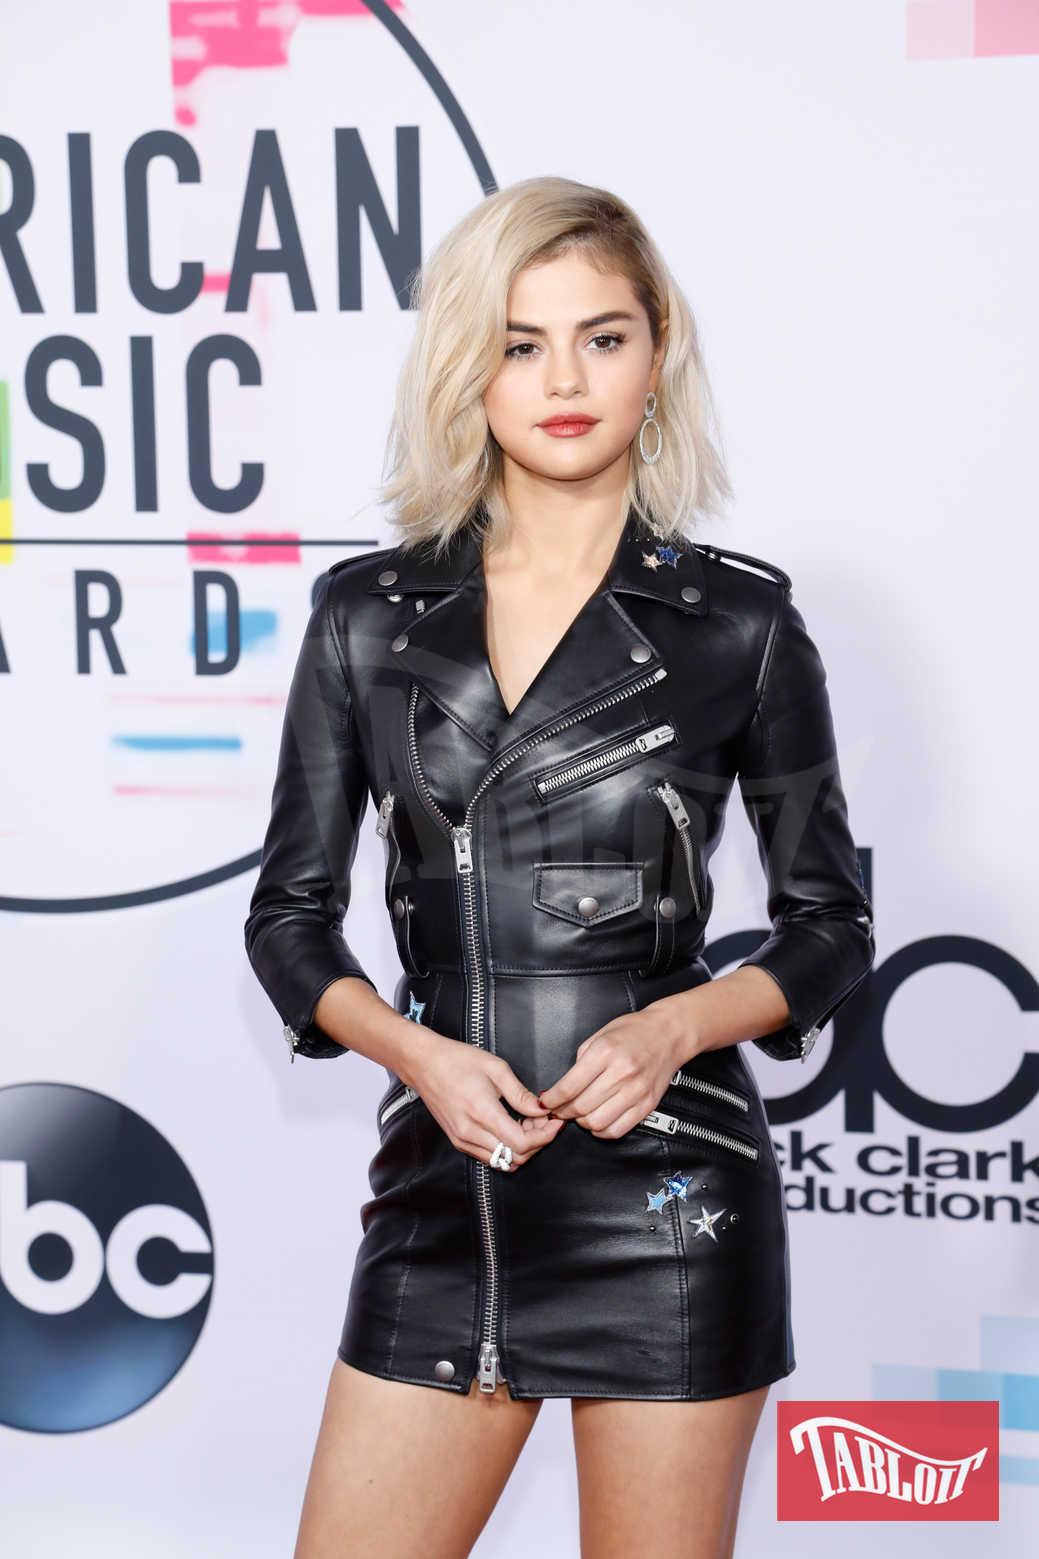 """Selena Gomez agli American Music Awards ha sfoggiato un mini abito in pelle stile """"chiodo"""" firmato Coach. La cantante, con capelli biondissimi, ha dato una svolta rock al suo stile"""